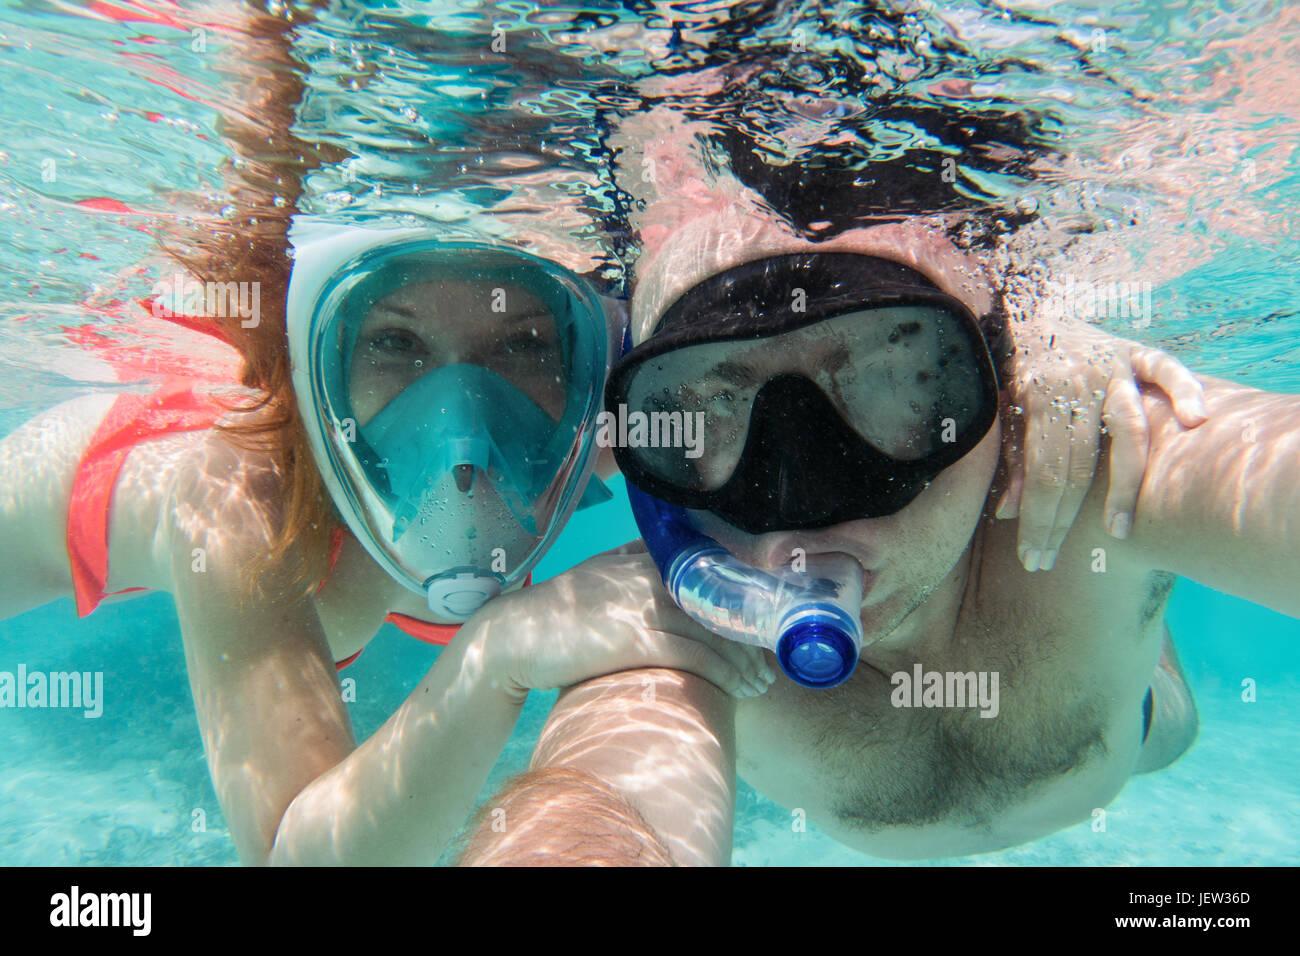 Una coppia in amore selfie tenendo sott'acqua in Oceano Indiano, Maldive. Turchesi acque cristalline. Immagini Stock